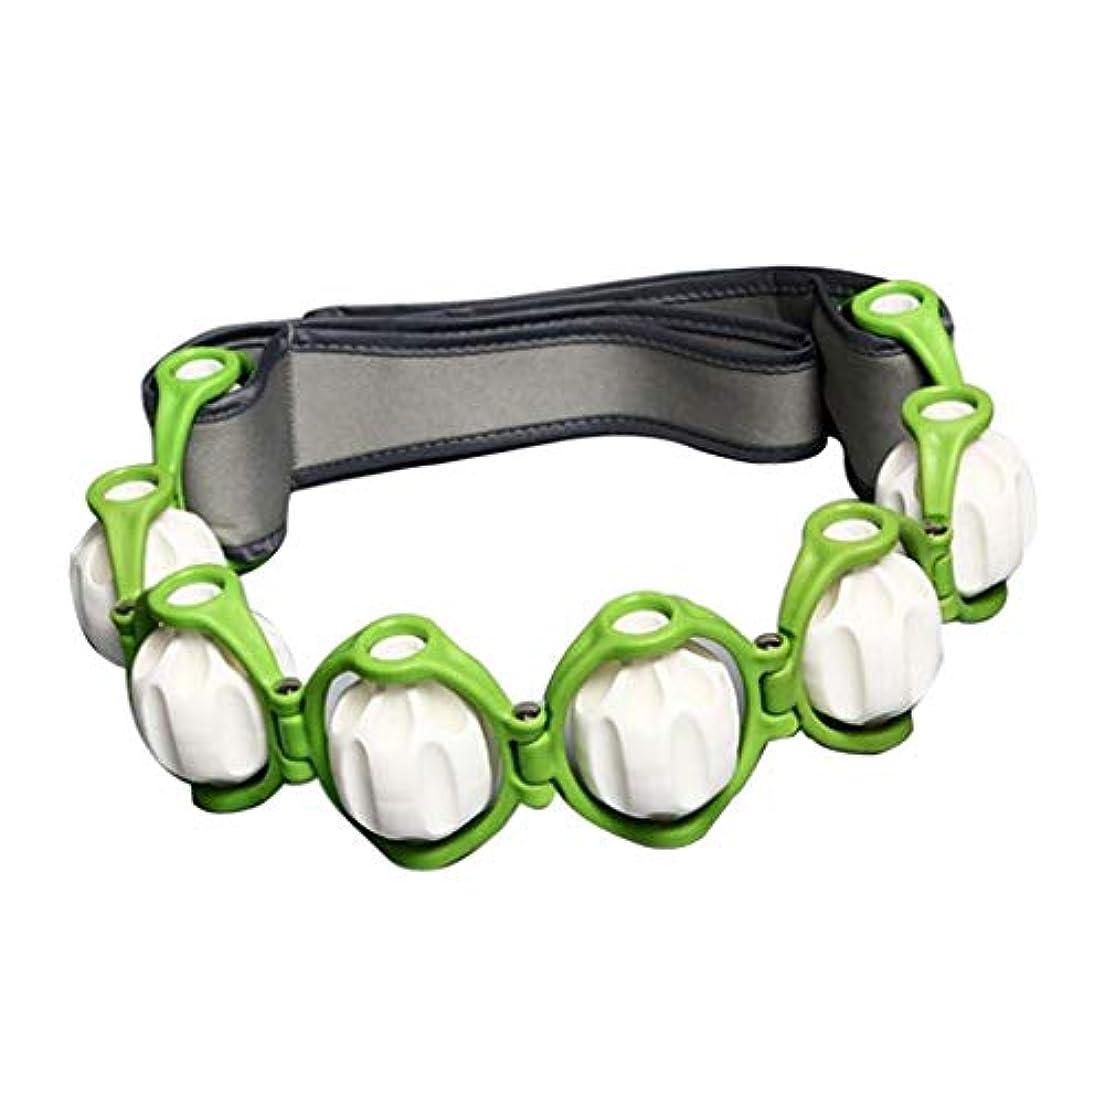 地雷原文明症候群ボディマッサージローラー ロープ付き 六つボール 4色選べ - 緑, 説明したように